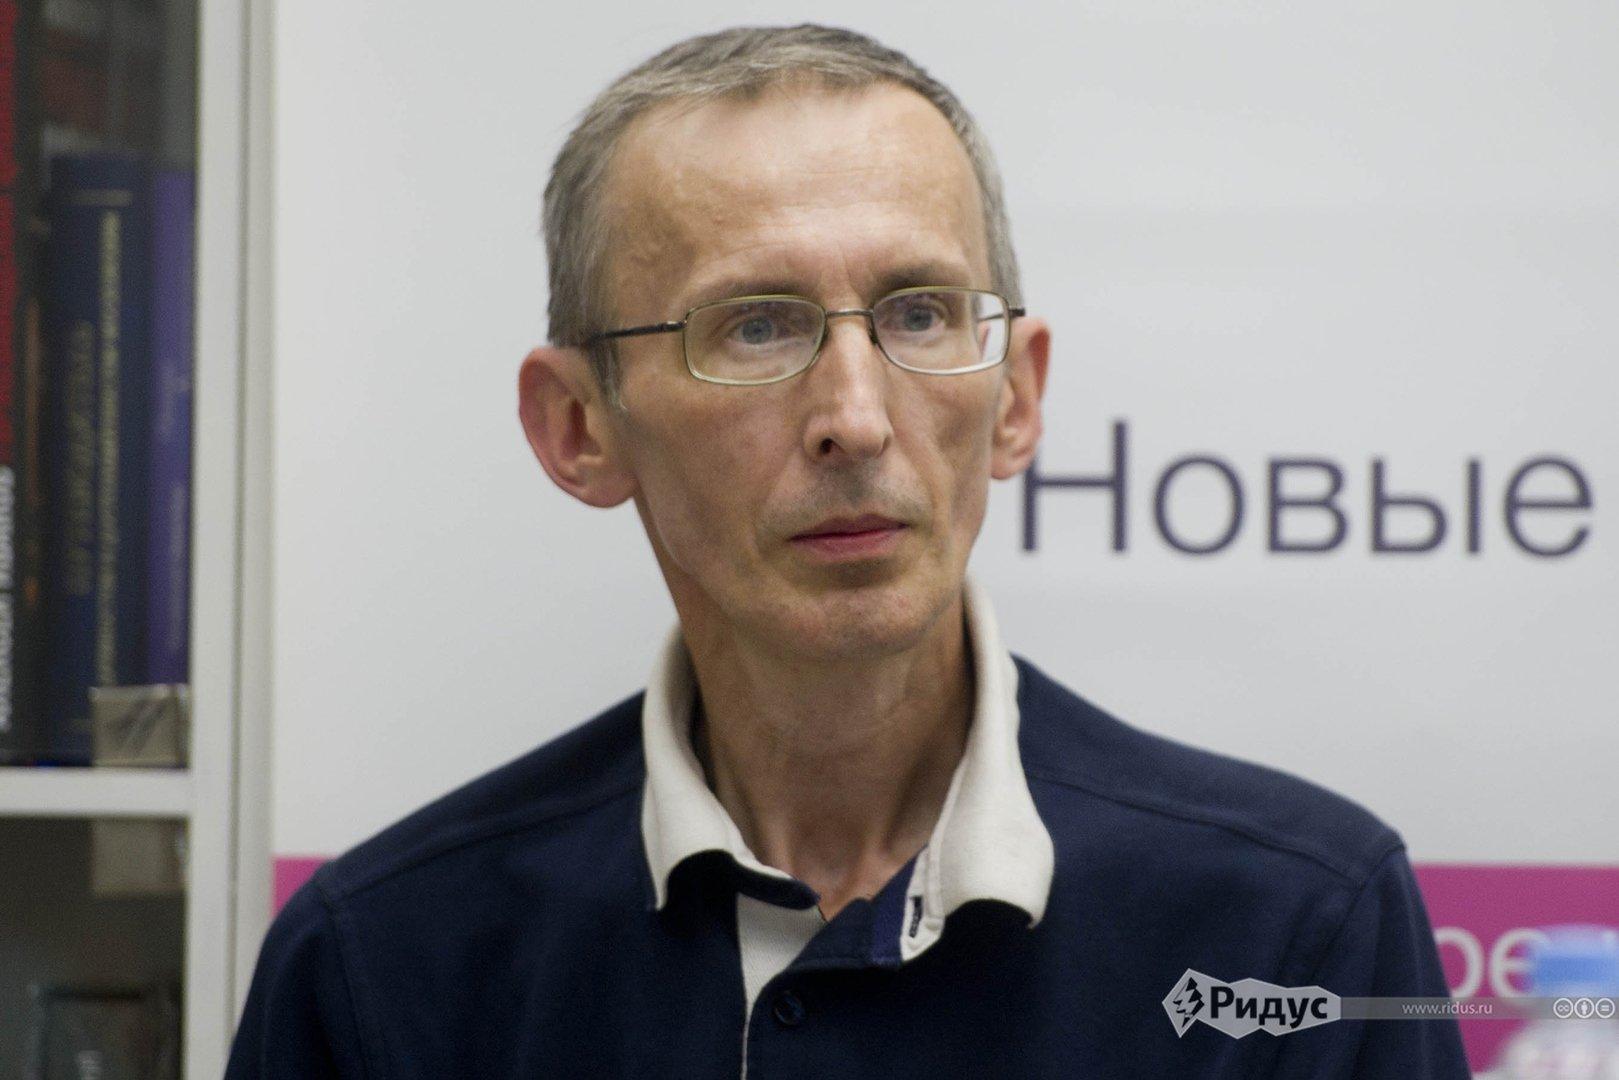 Россия потеряет миллиарды: Эль-Мюрид рассказал о победе Украины в газовой войне